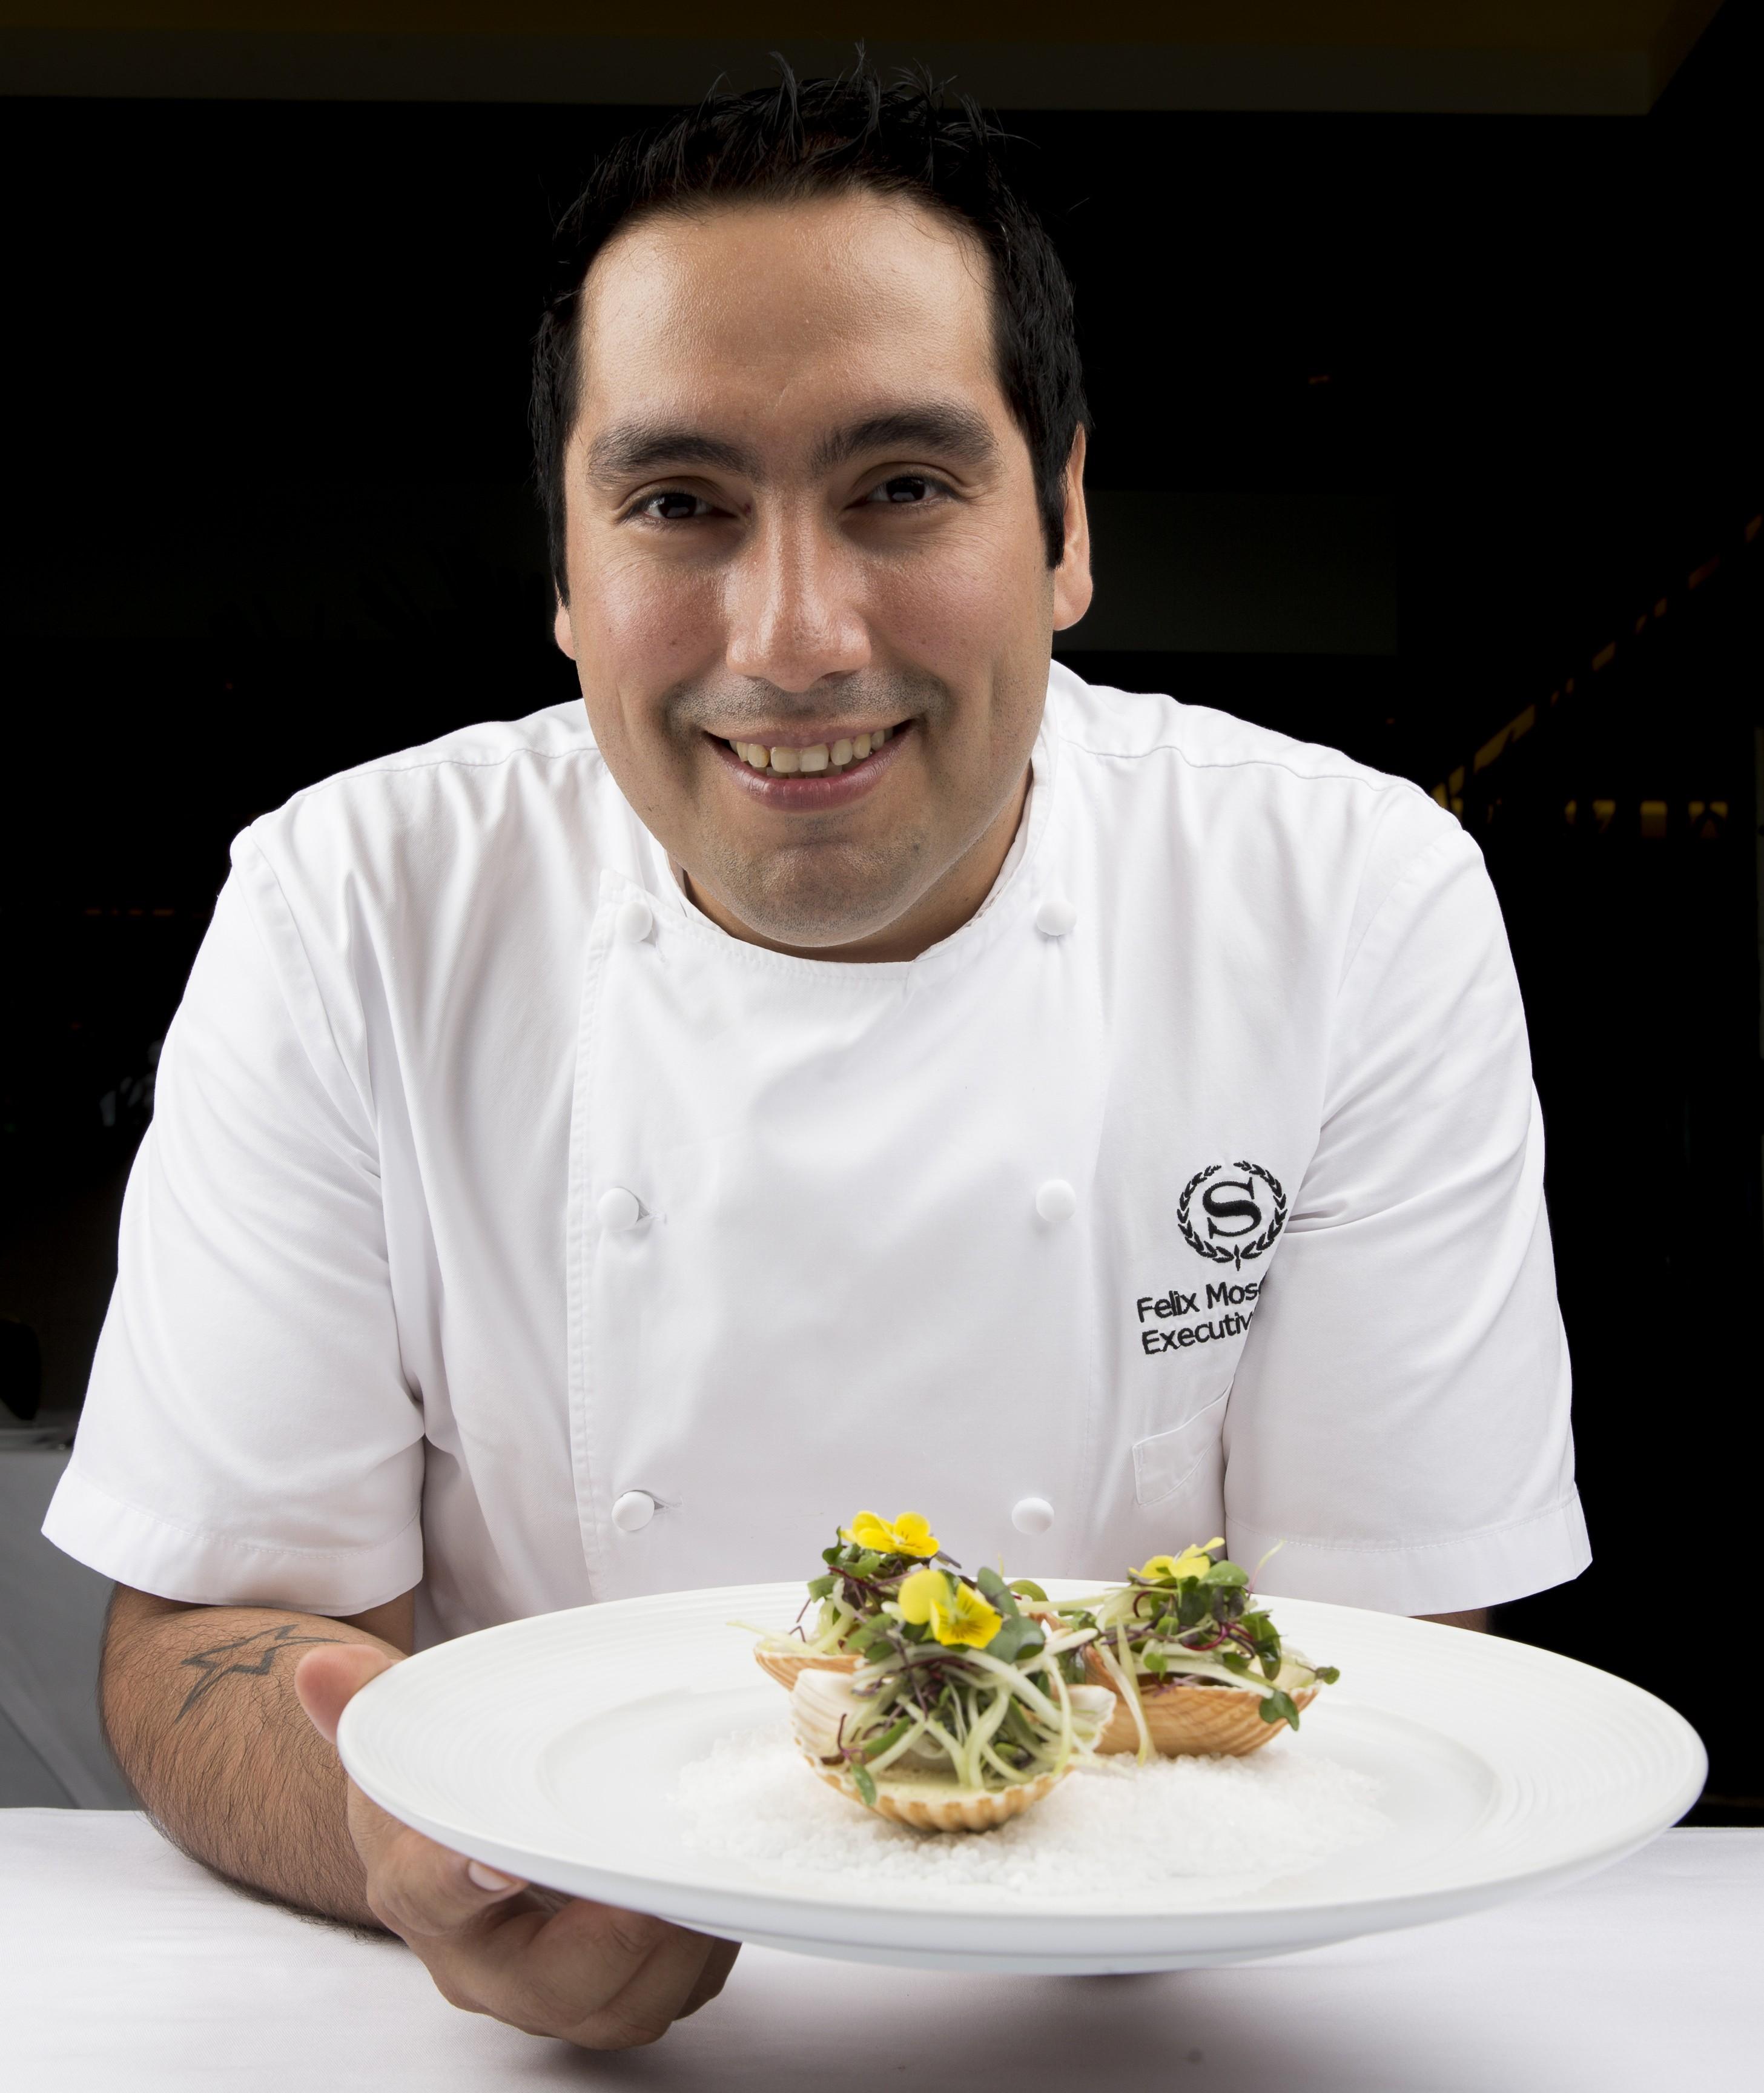 Chef Félix Sanchez